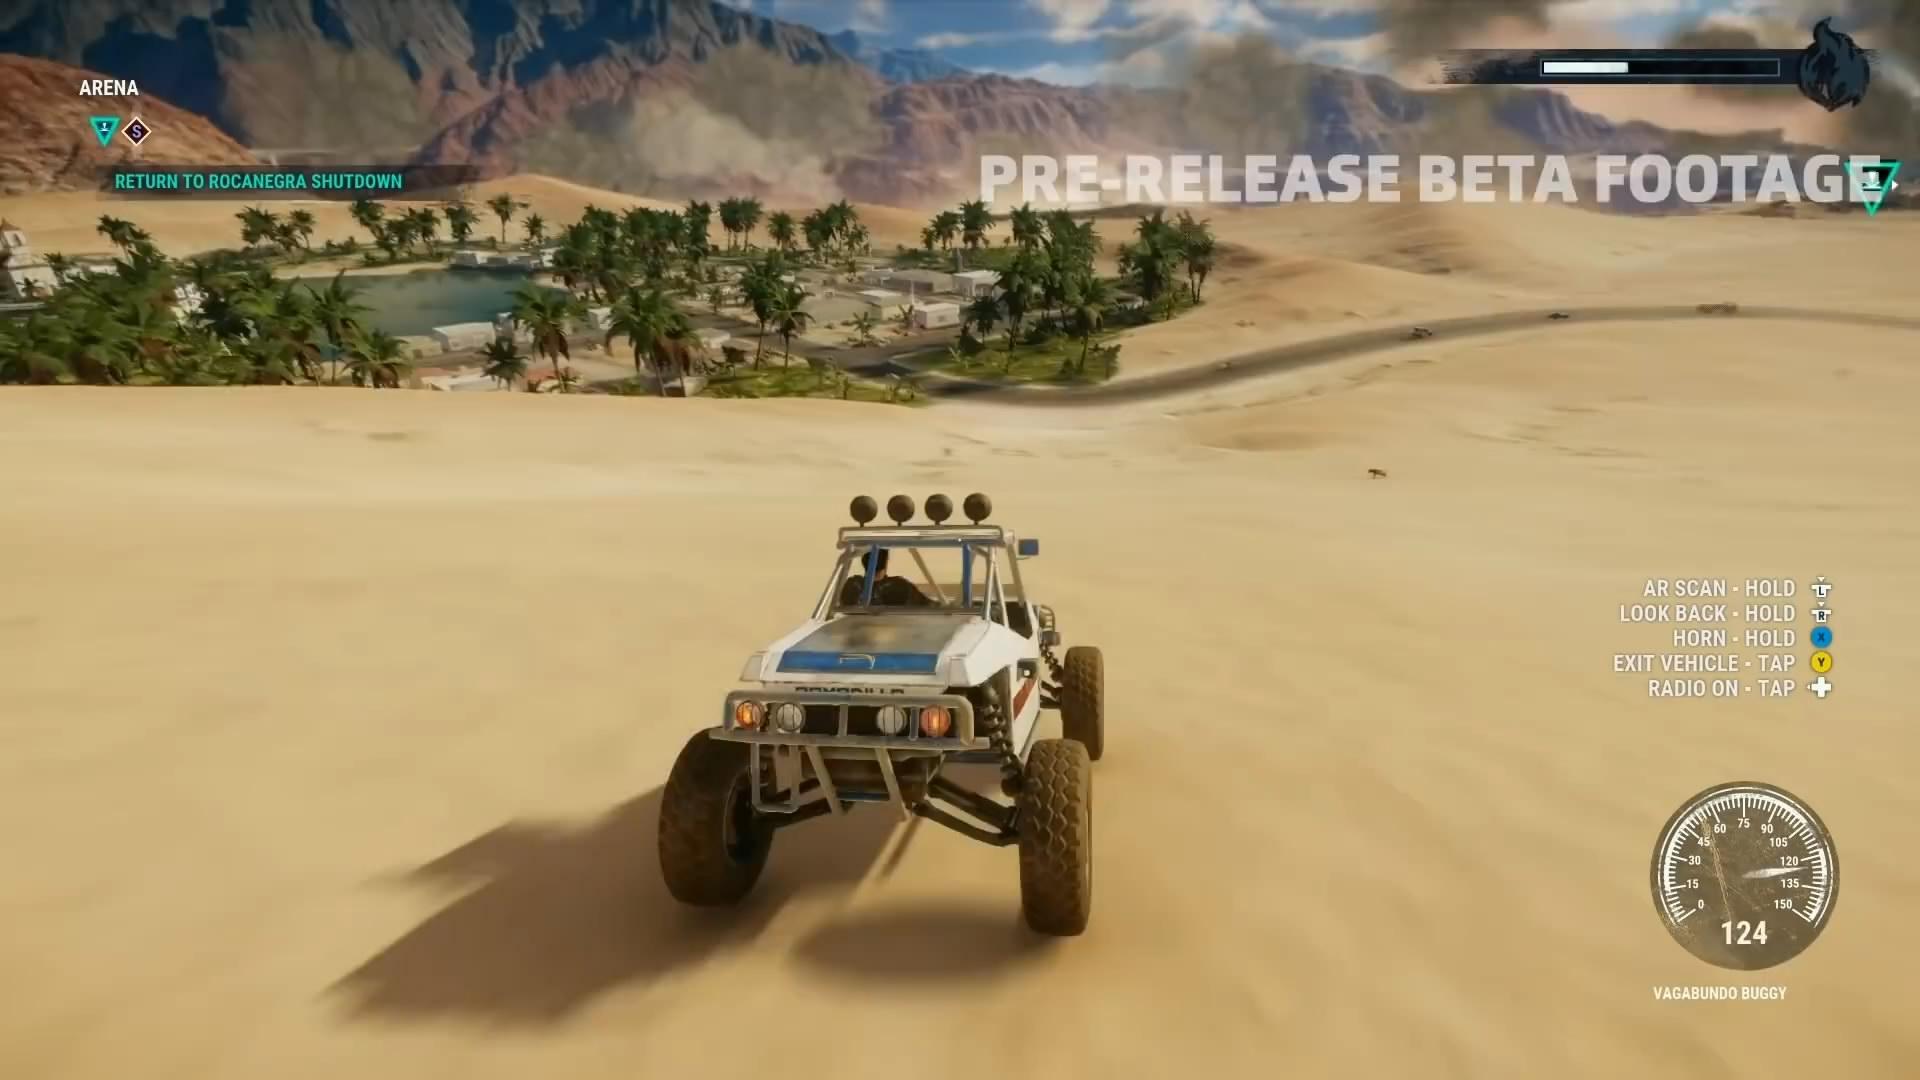 《正当防卫4》20分钟新演示视频 画面震撼风景如画